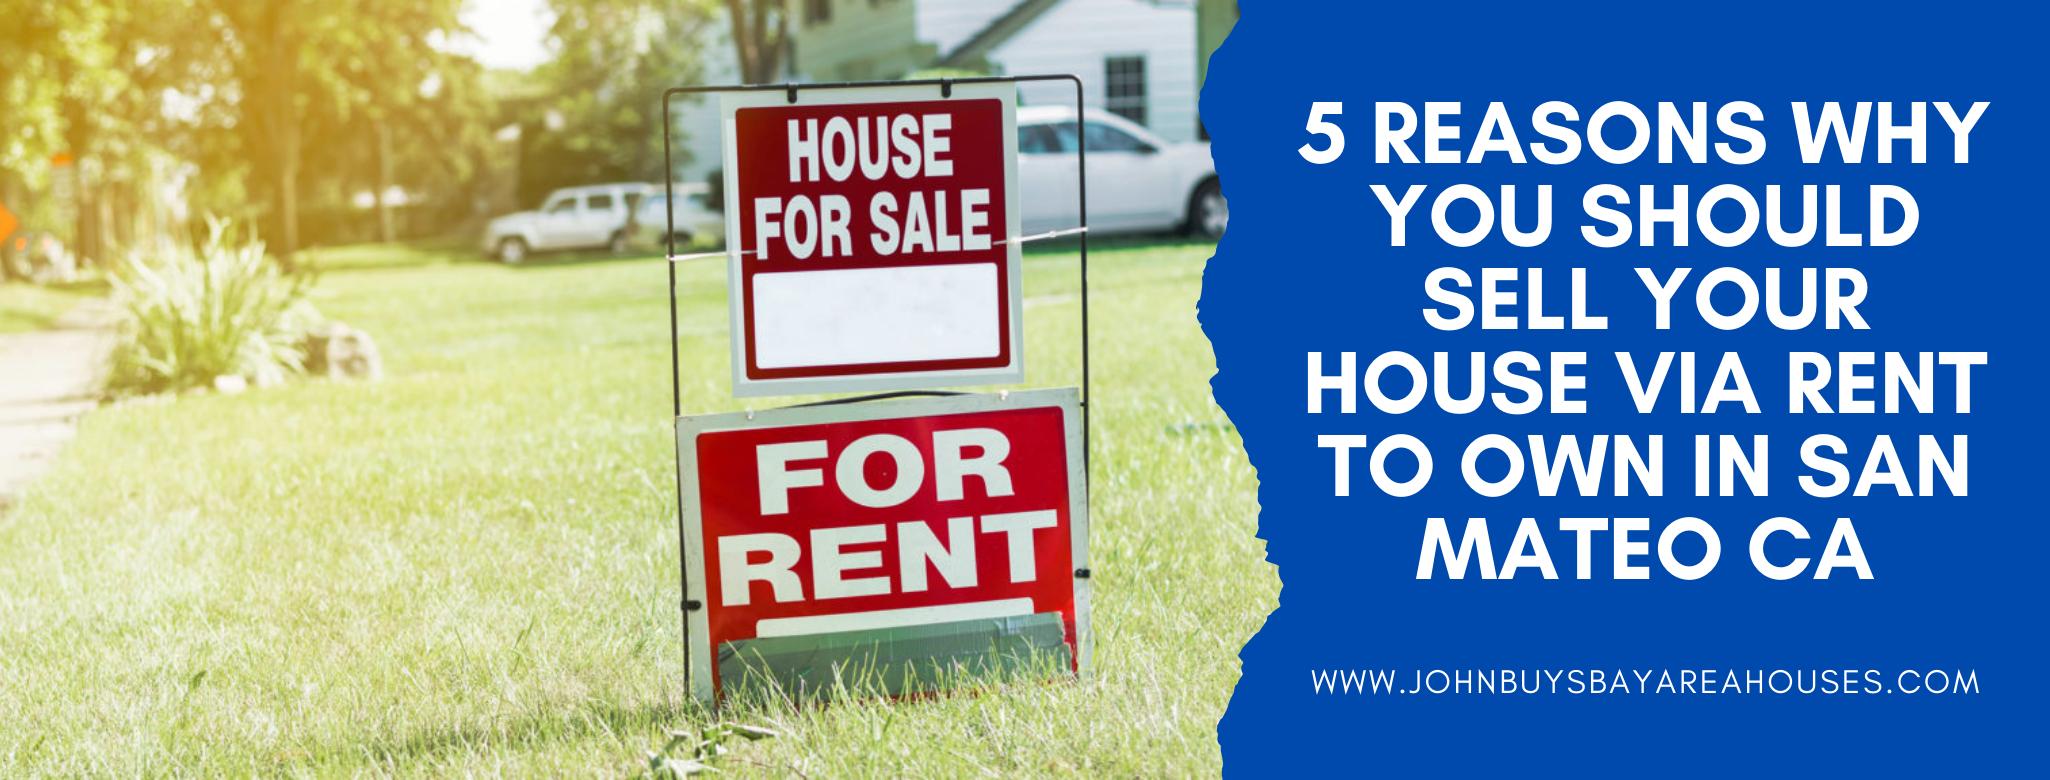 We buy properties in San Mateo CA